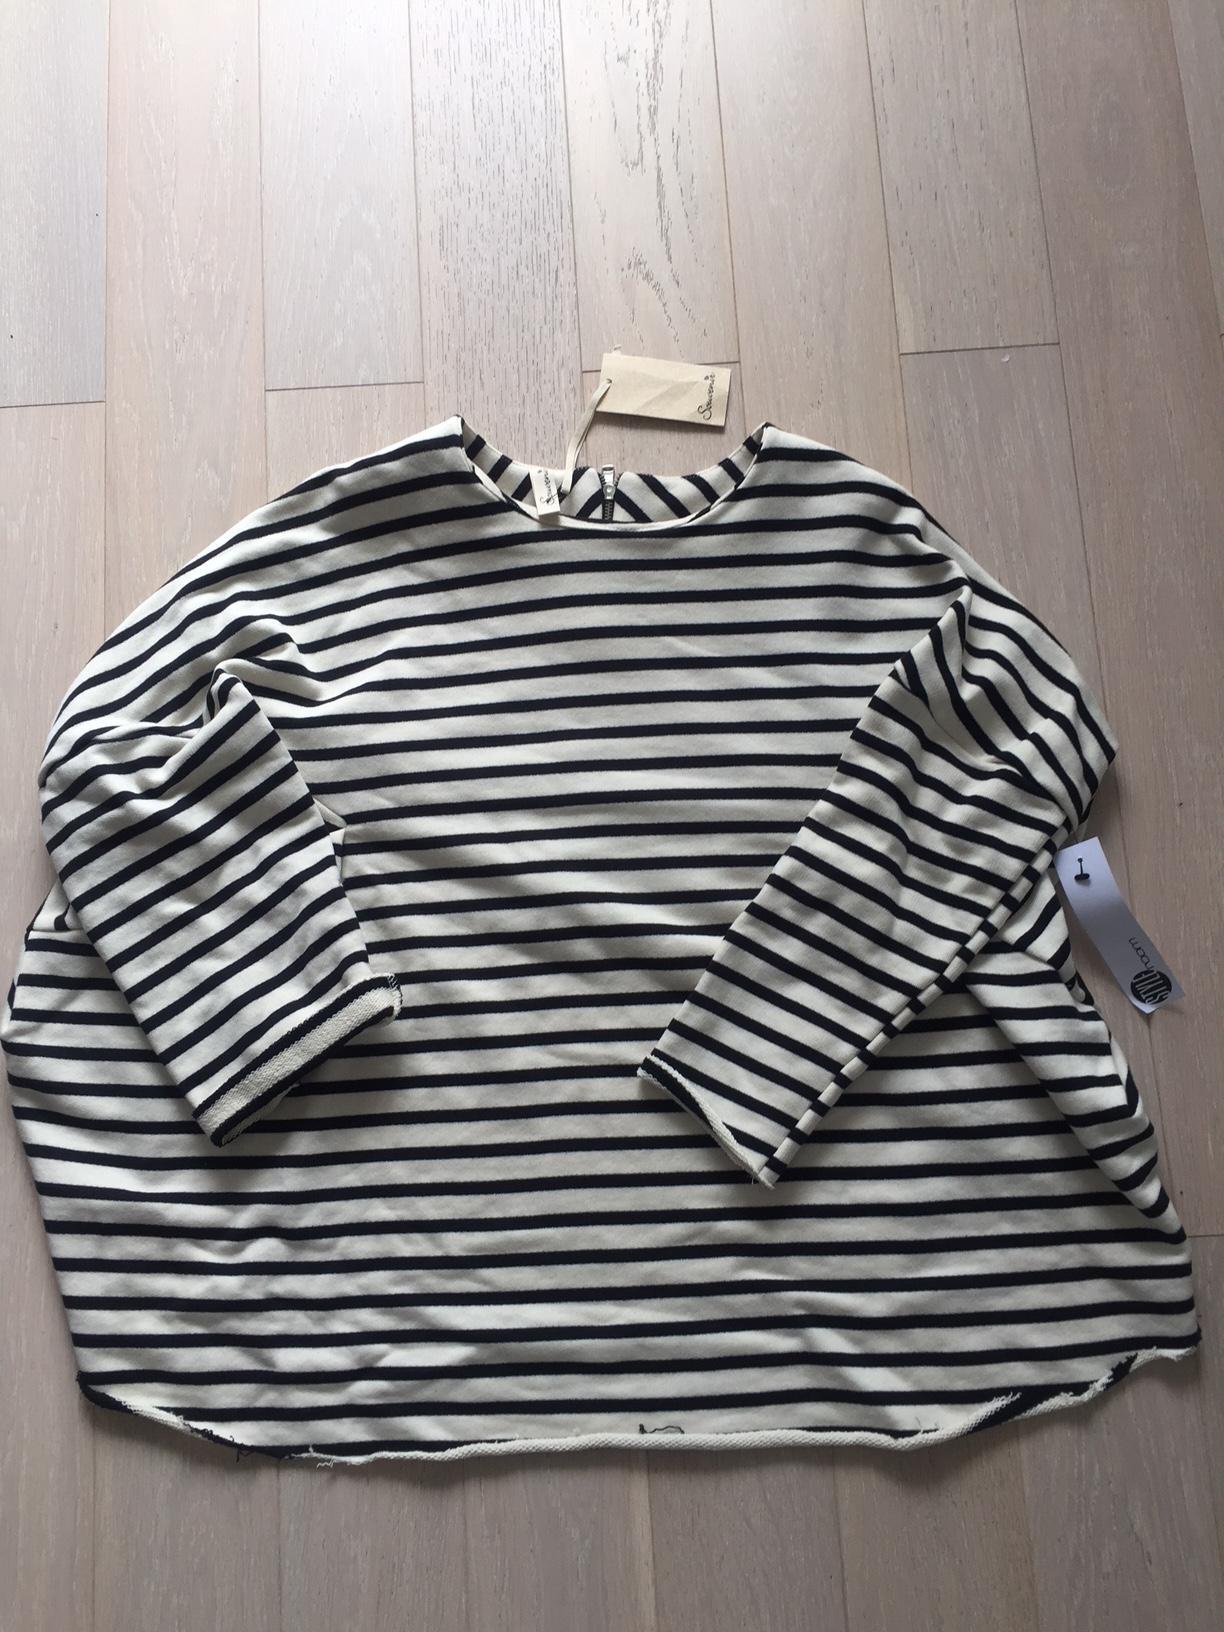 Sweatshirt von Souvenir